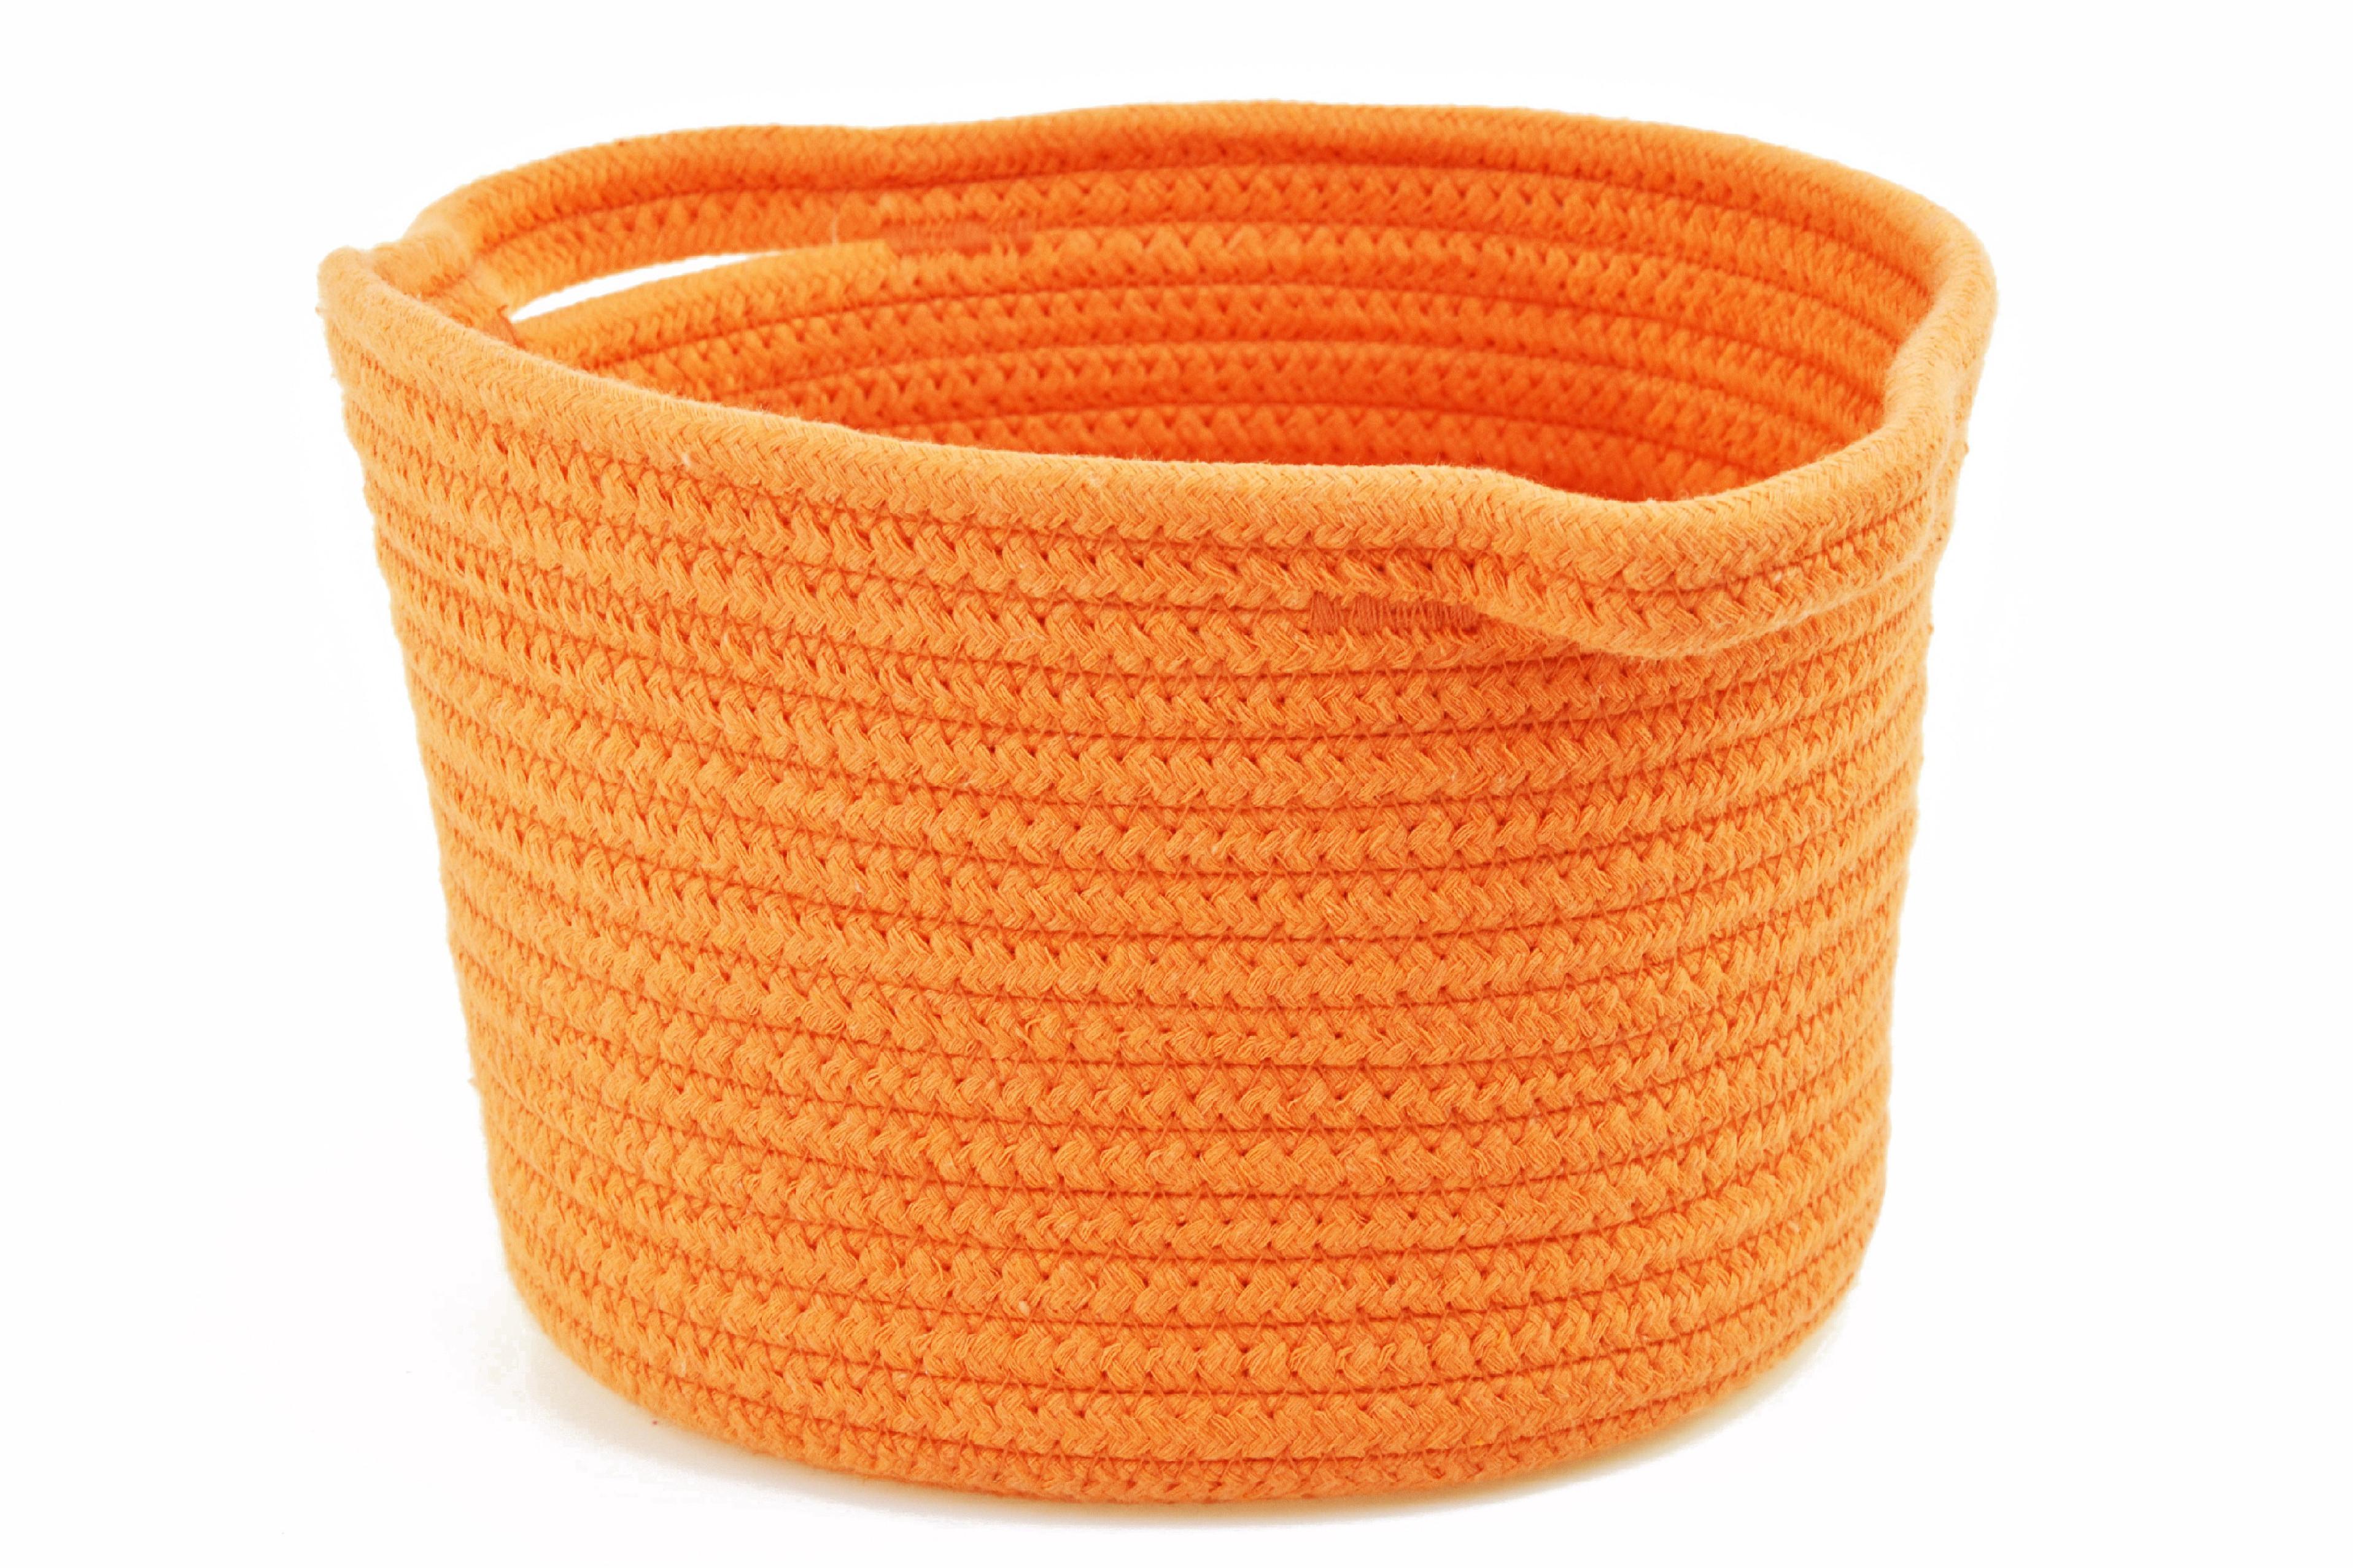 Oranžový jutový košík